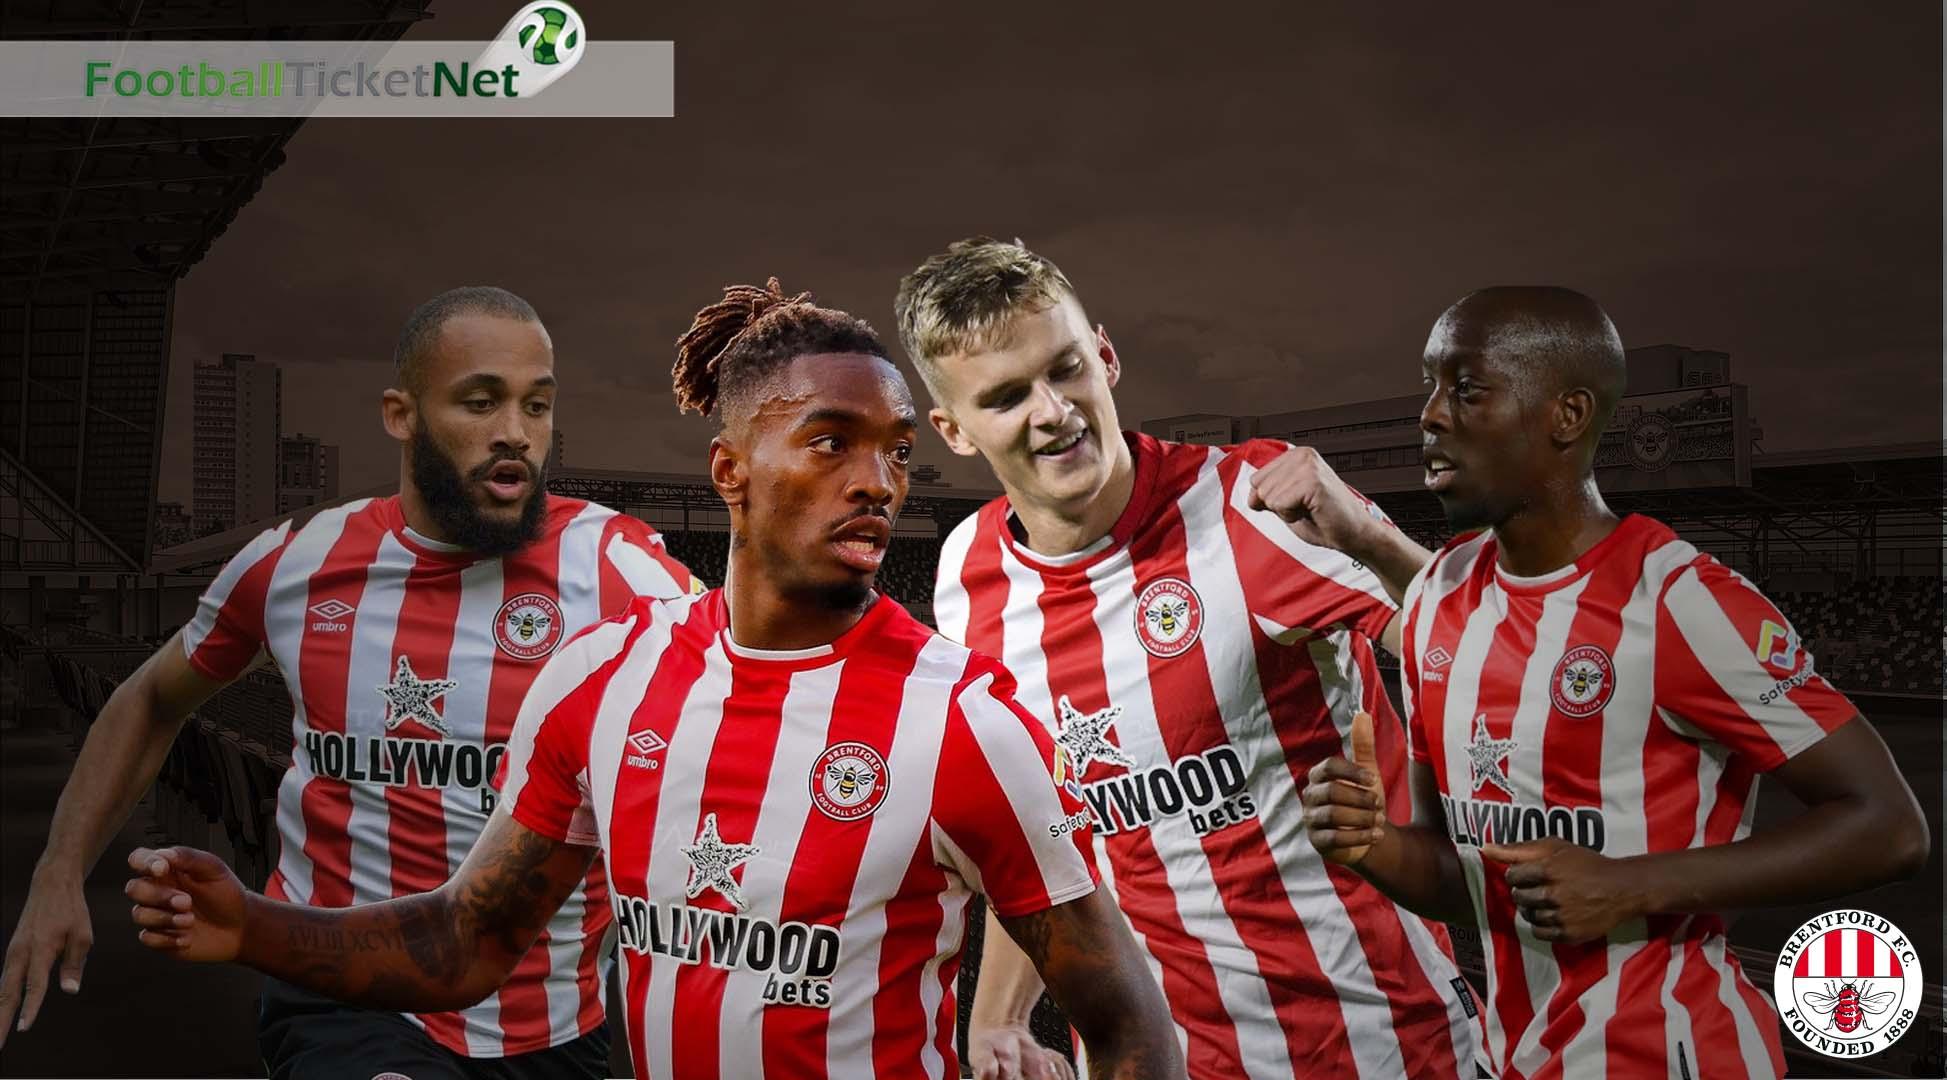 Buy Brentford Football Tickets 2019 20 Football Ticket Net